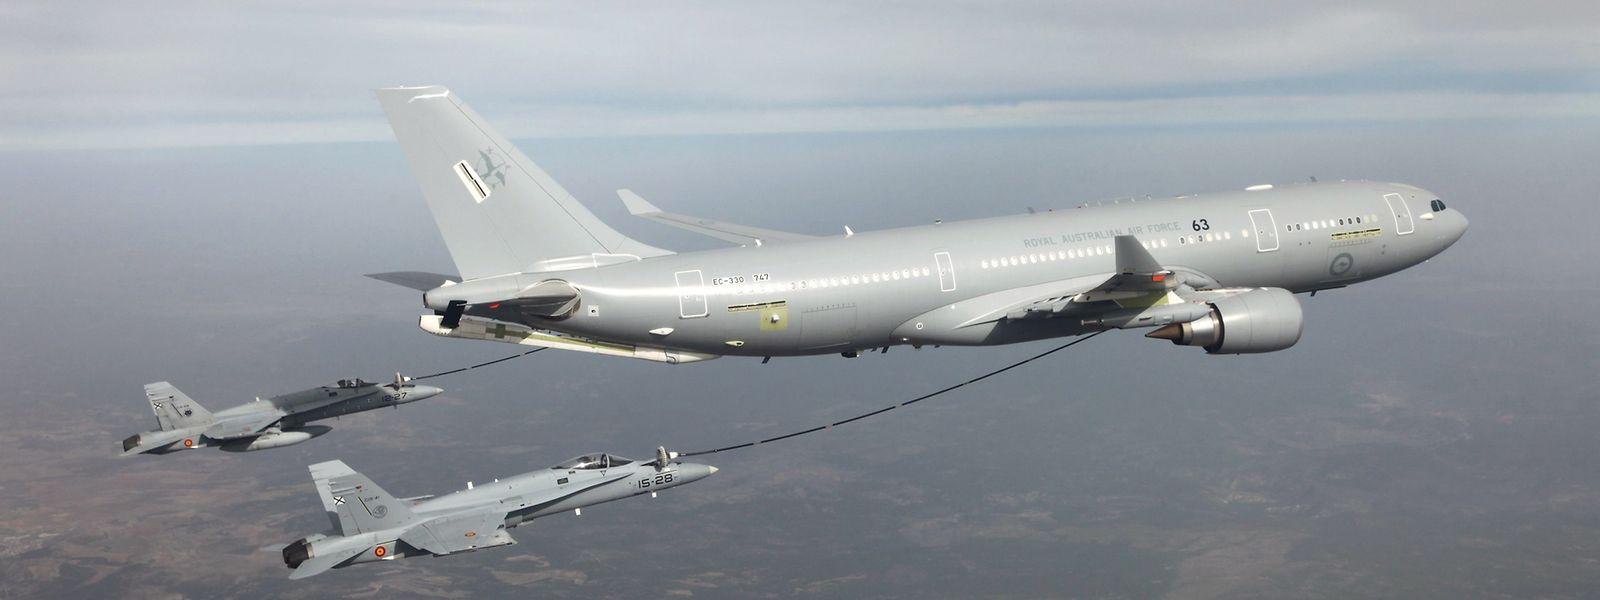 Les MRTT peuvent être utilisés pour ravitailler les avions en vol.